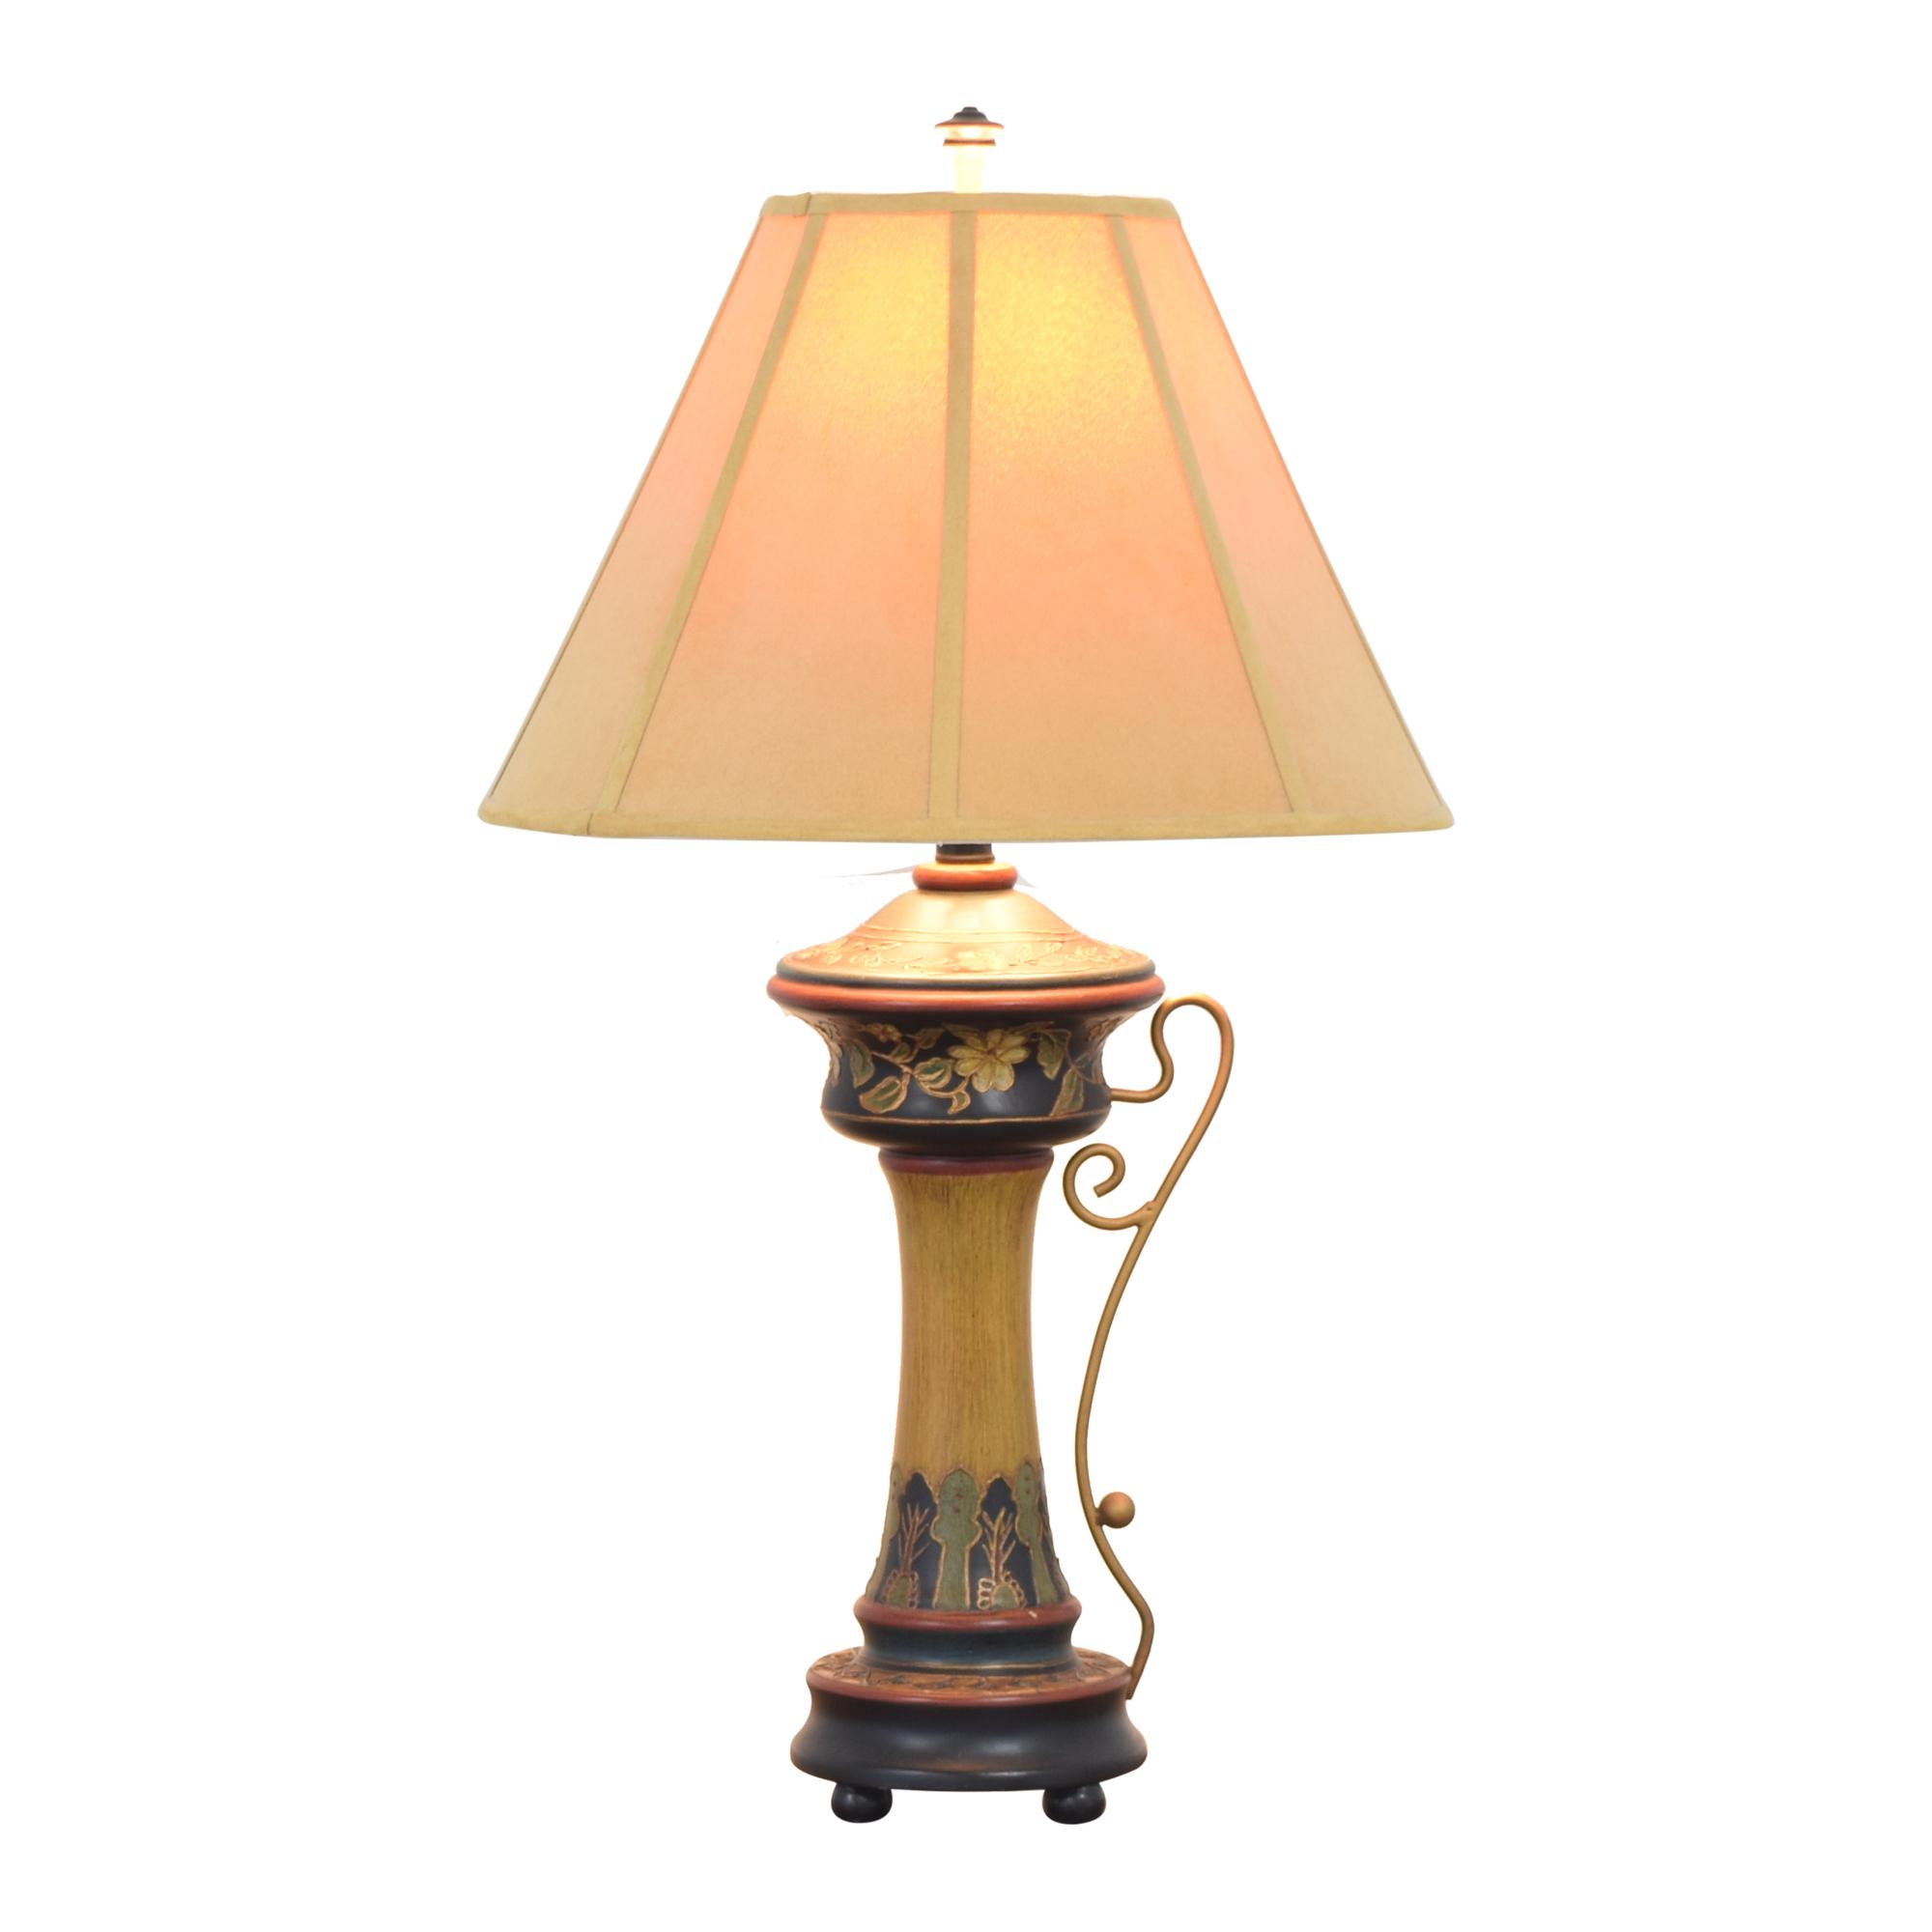 Vintage Table Lamp multi